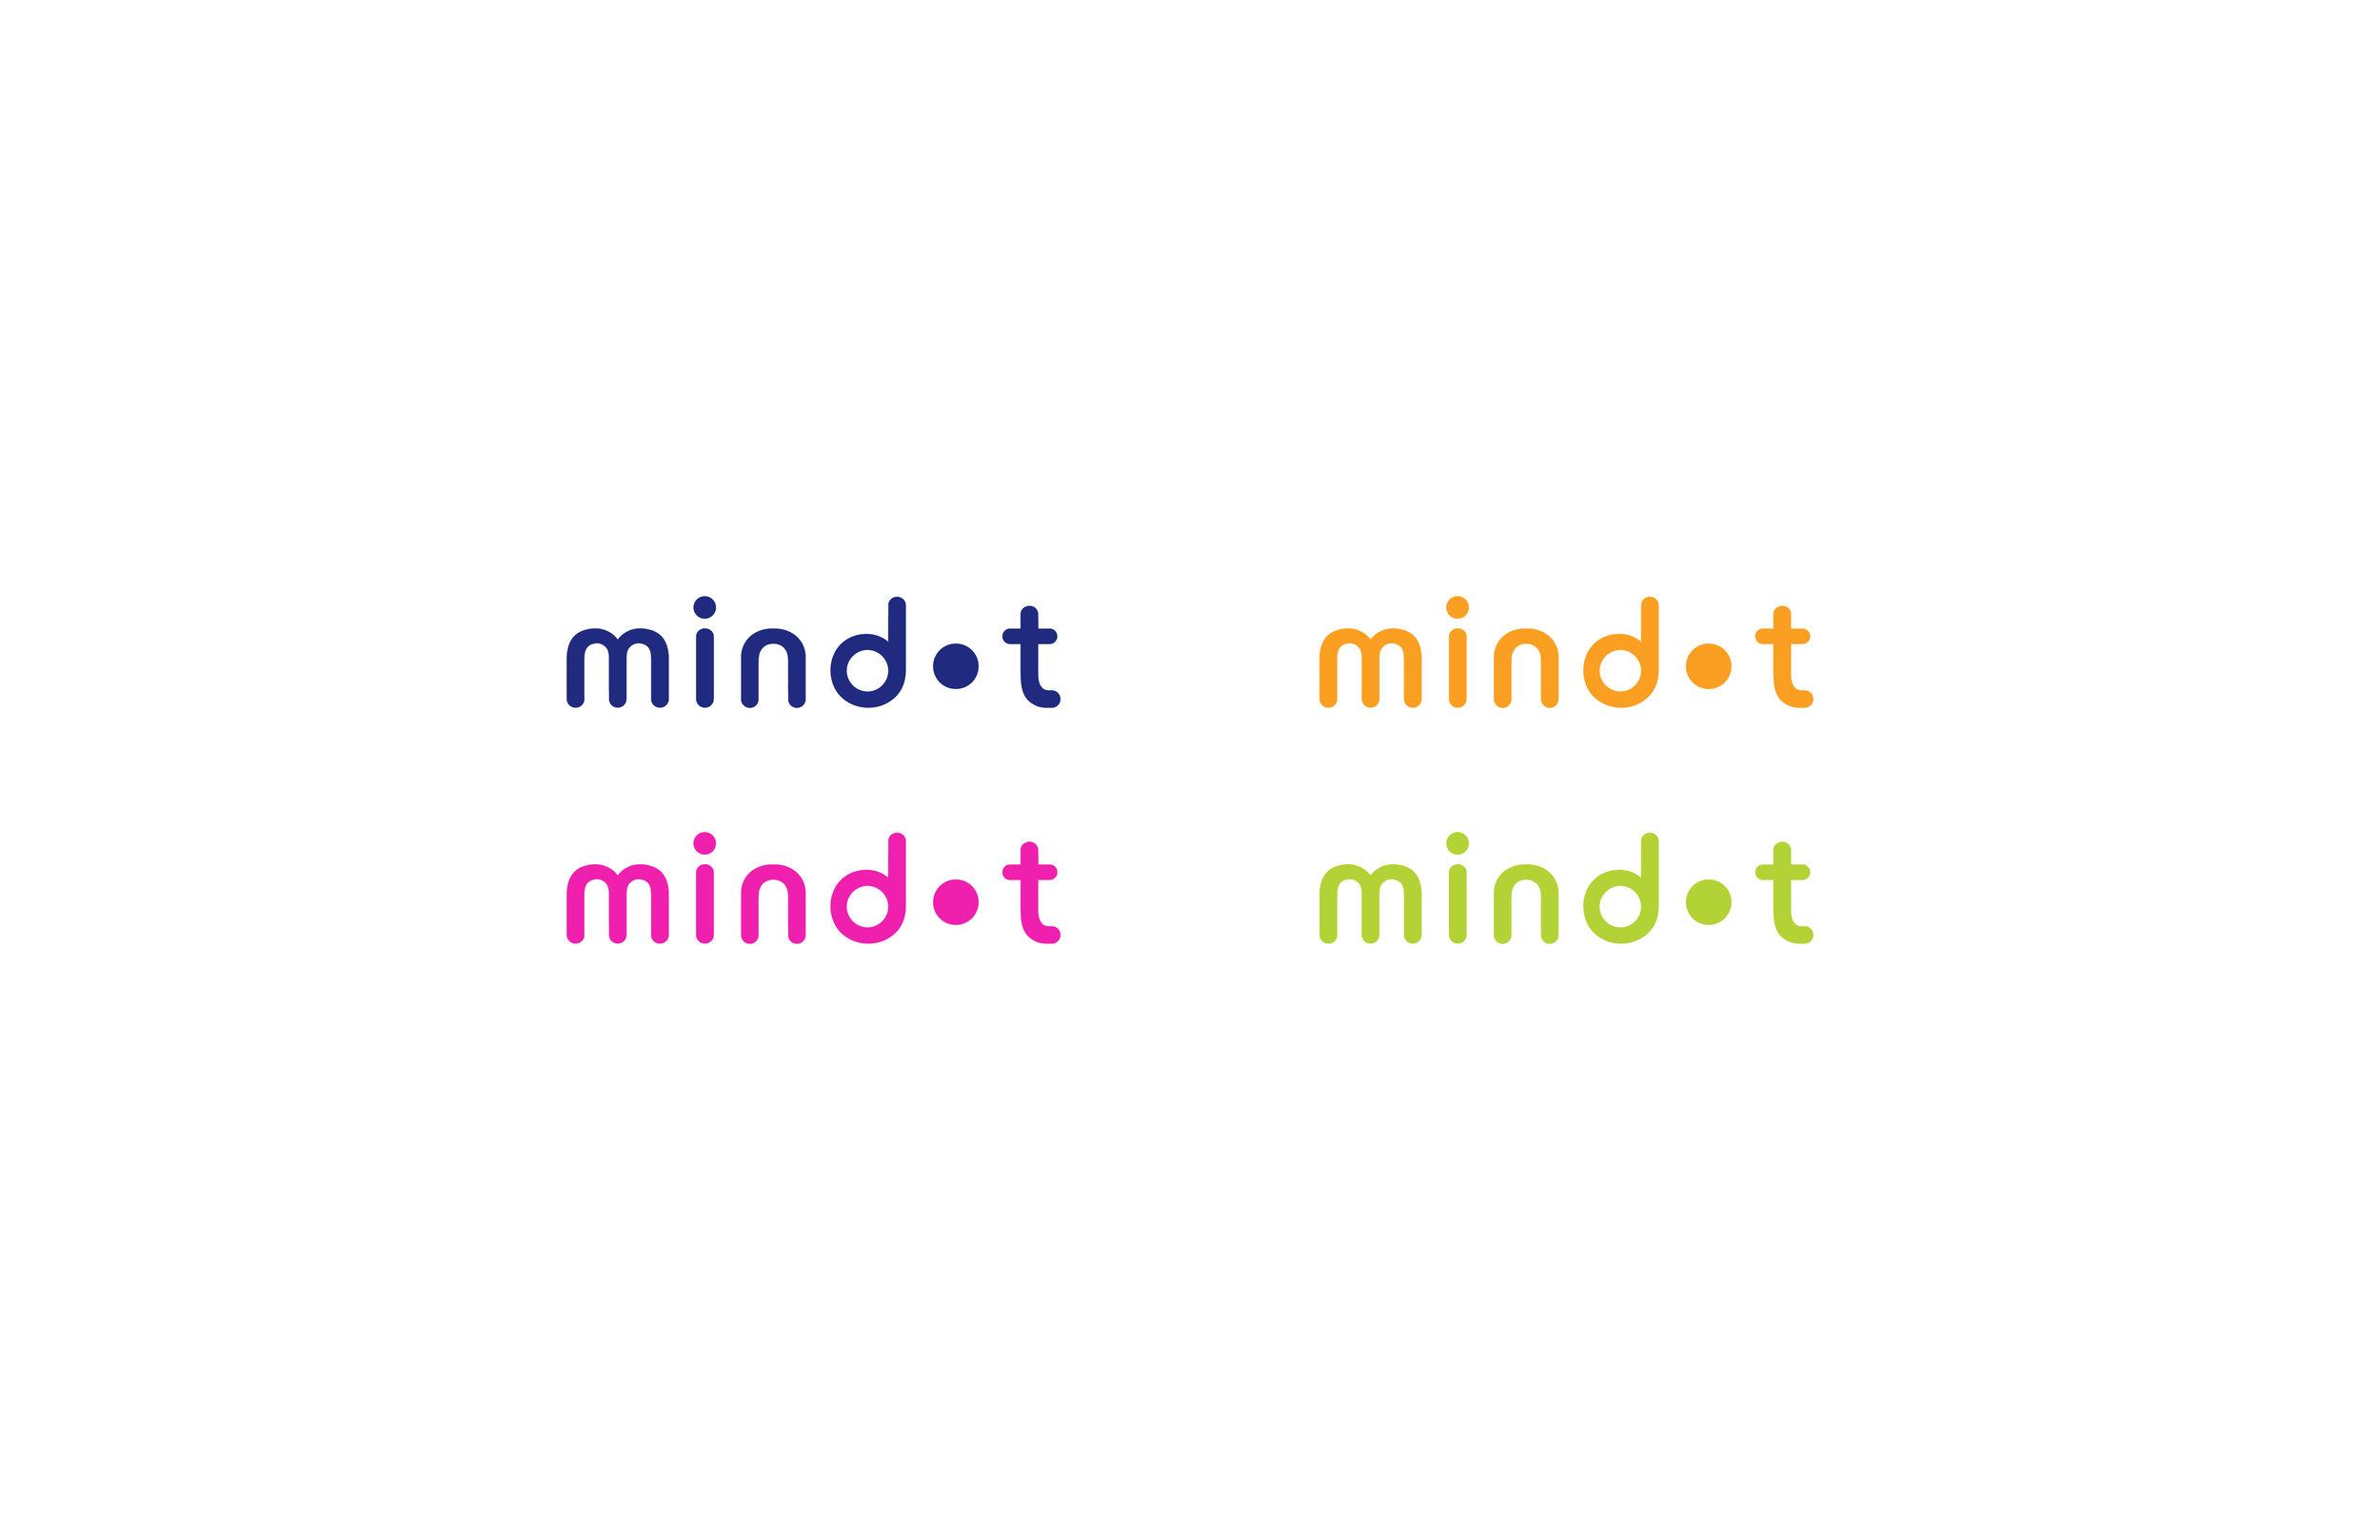 mindot_branding_12312016-02.jpg